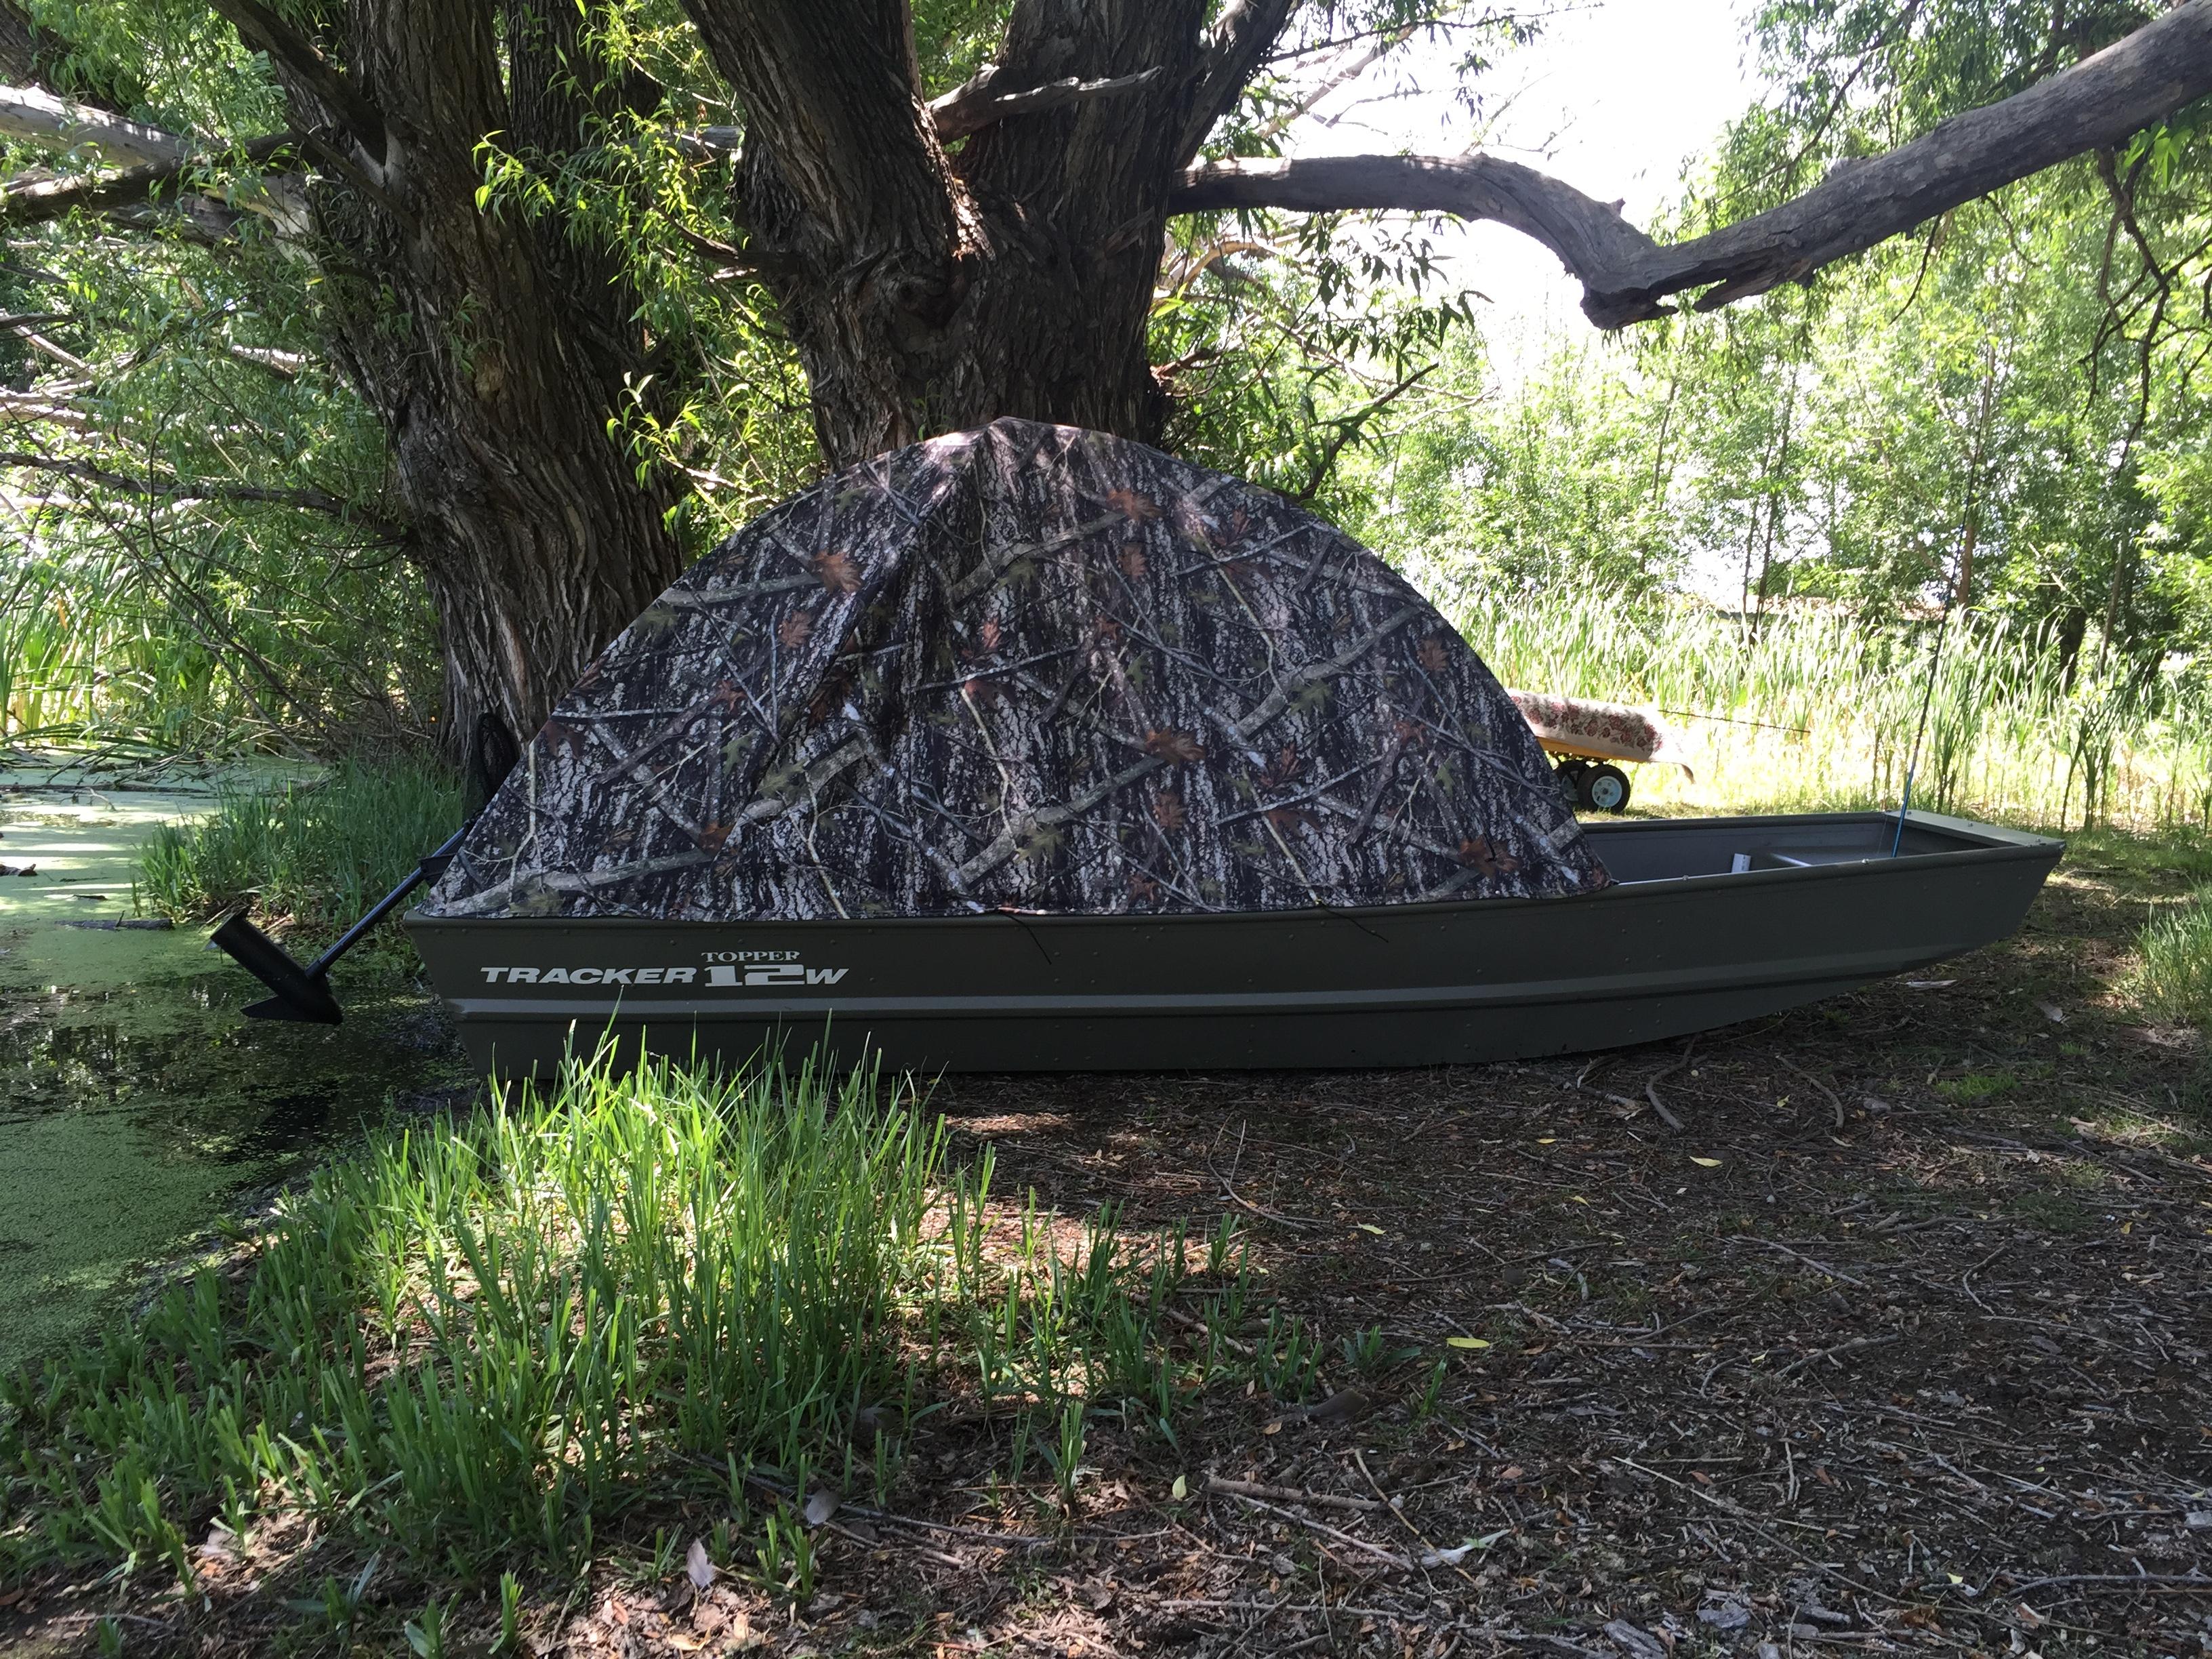 Zipped_up_Boat_Dome.jpeg